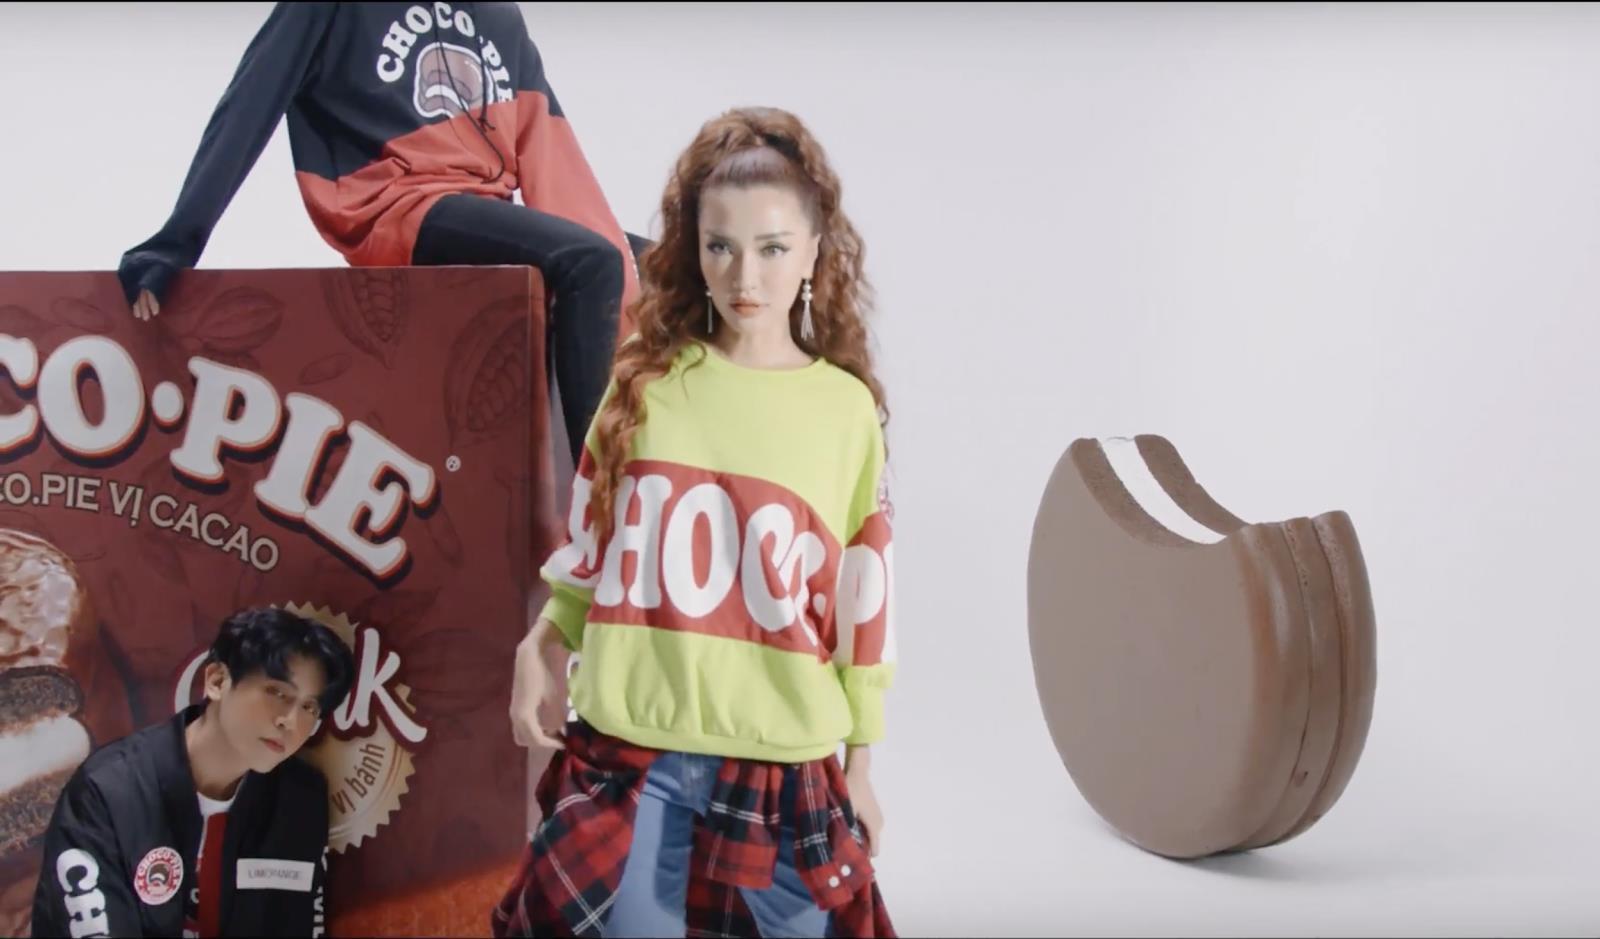 Bích Phương lại tiếp tục cùng hãng bánh tuổi thơ gây sốt với videography thời trang đốn tim fan - Ảnh 4.